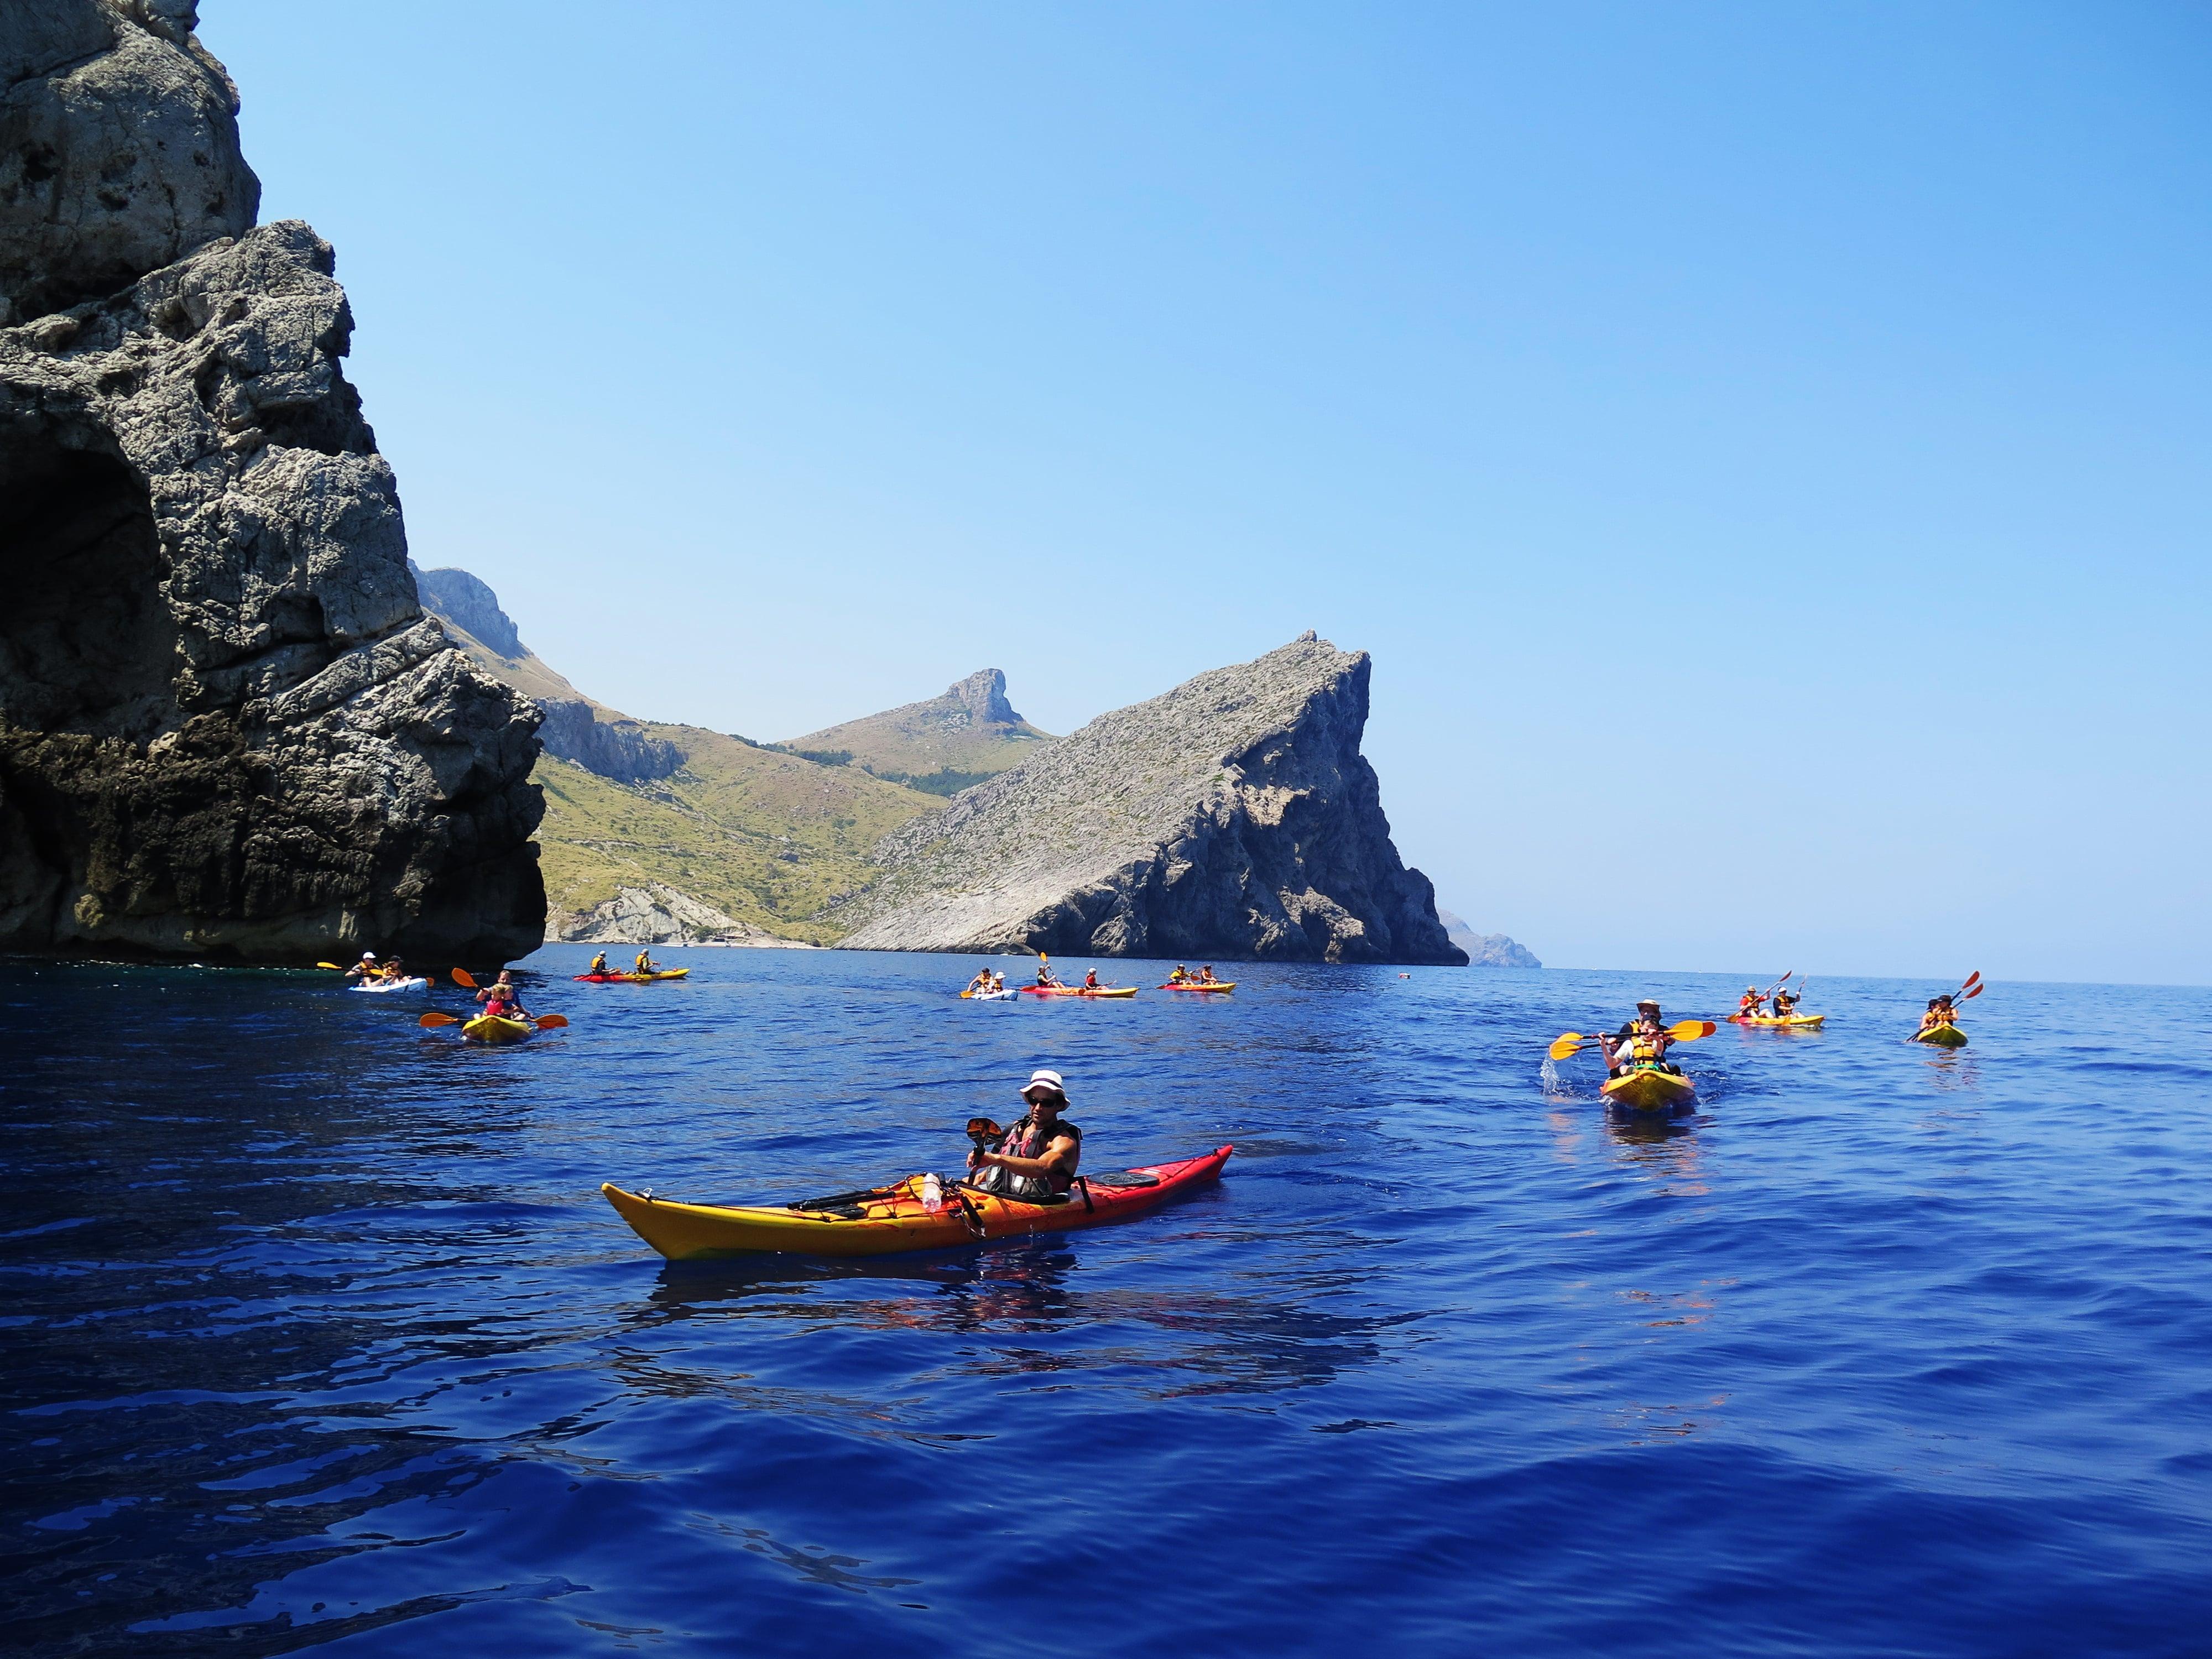 Emociones al límite al combinar el kayak con entornos majestuosos - Miguel Ángel Torrandel Vicens - Instructor de Kayak en Mallorca